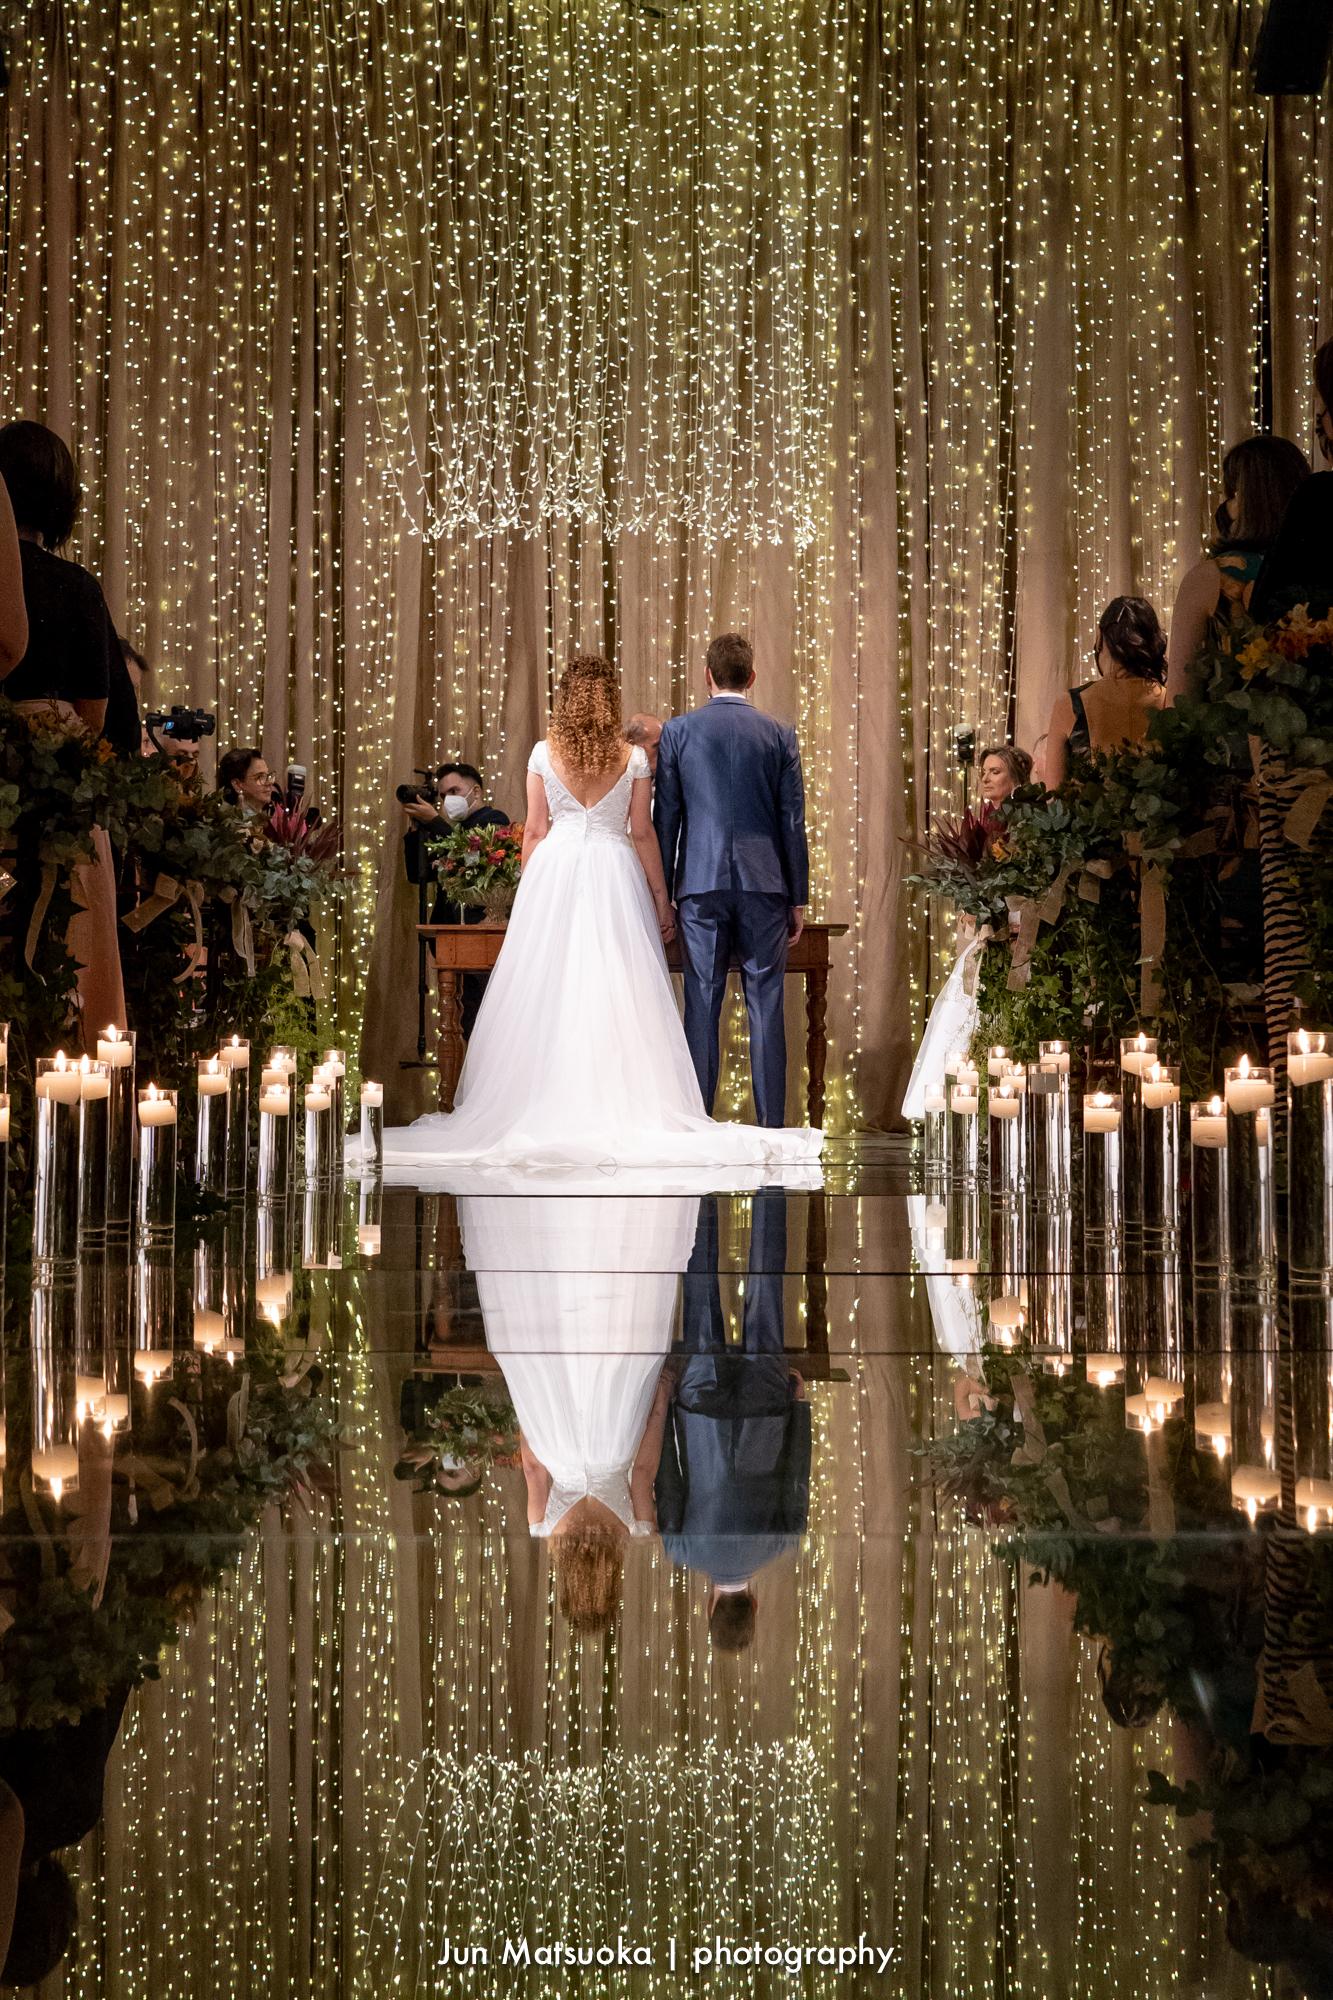 casamento com protocolos